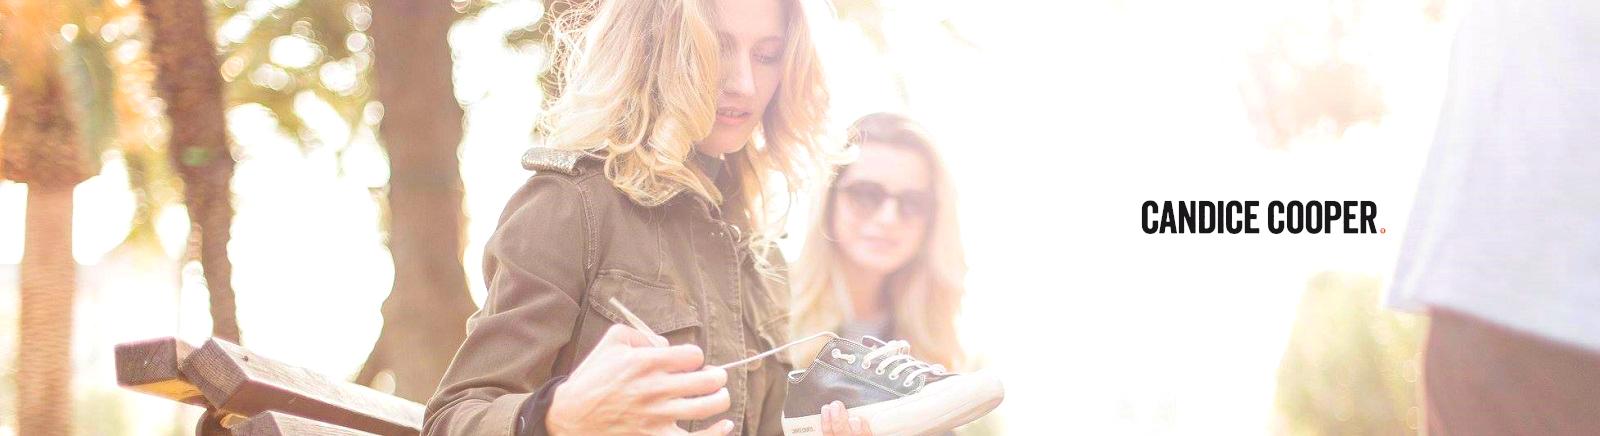 Gisy: Candice Cooper Damenschuhe online shoppen